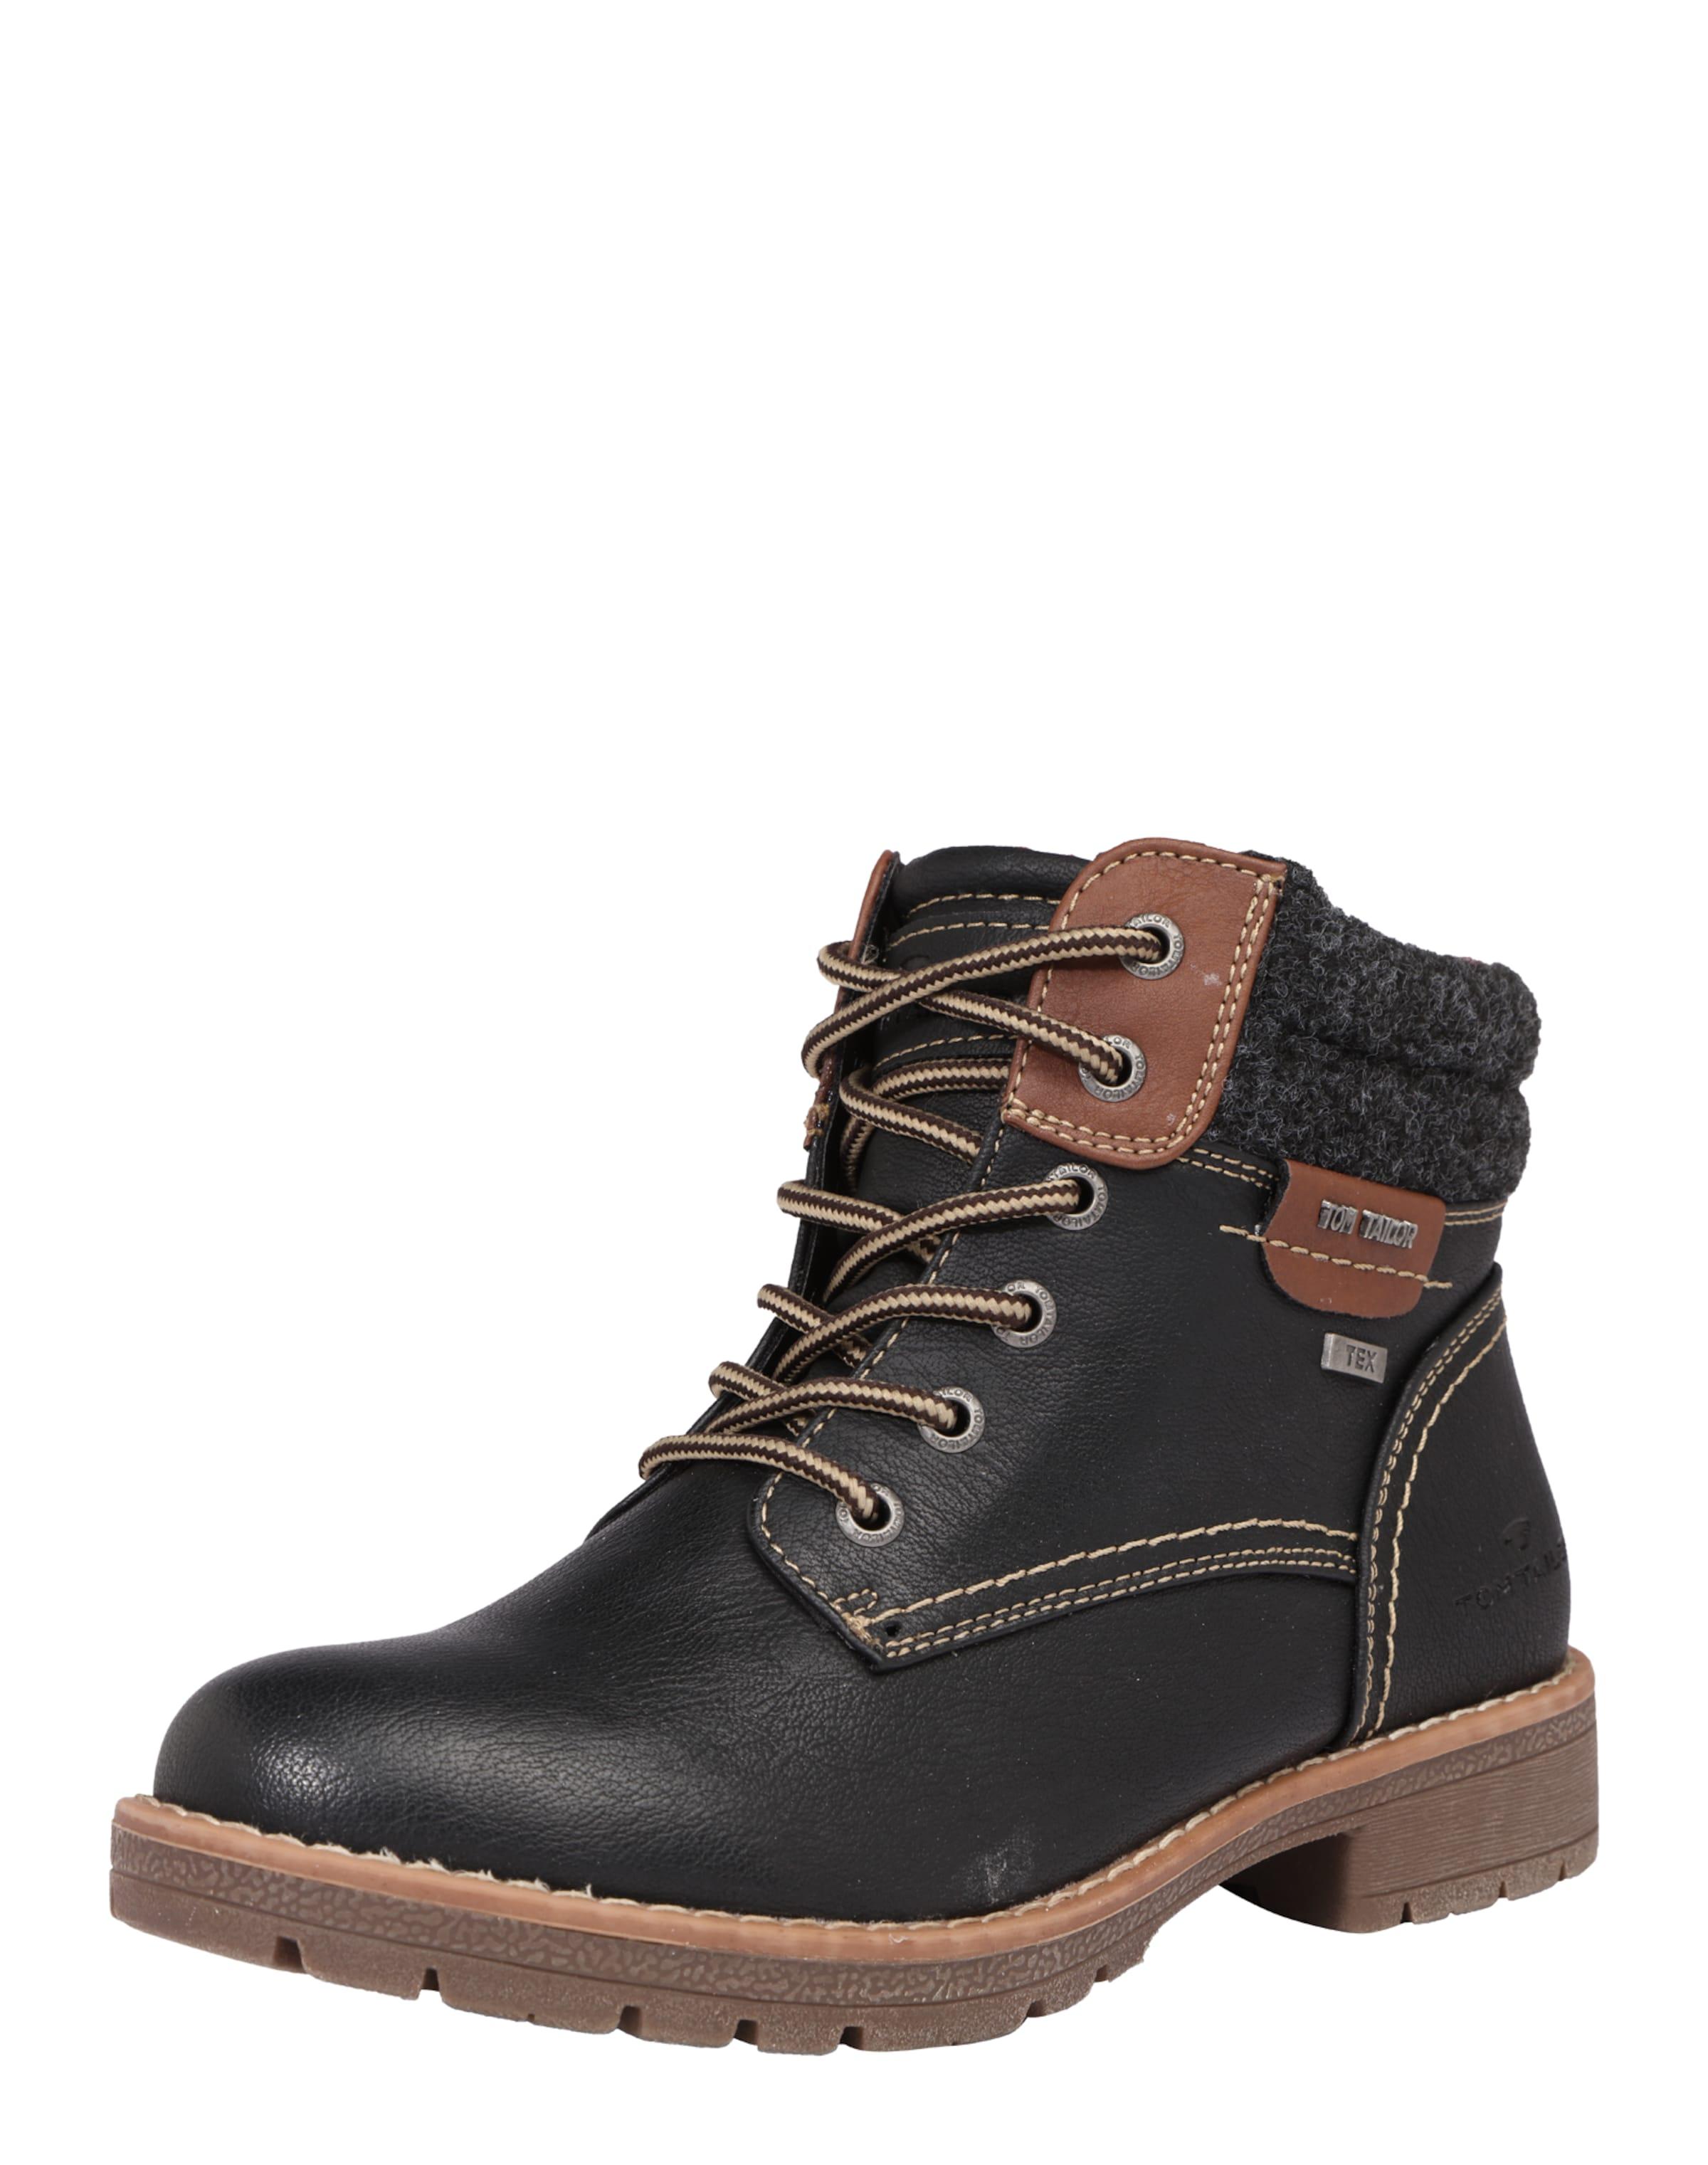 TOM TAILOR | Schnürstiefel mit Patches Schuhe Gut getragene Schuhe